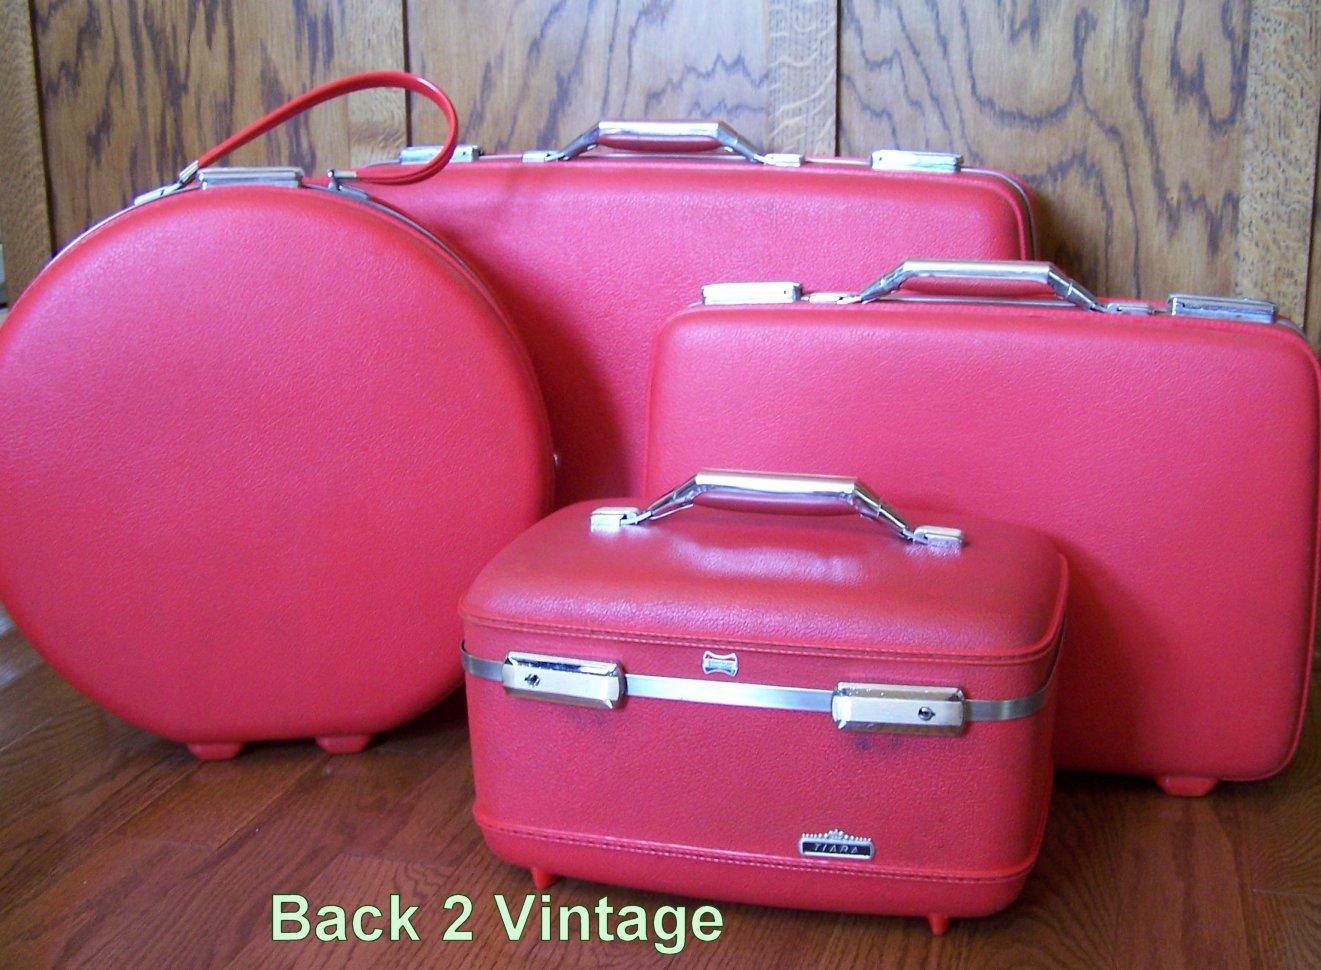 Back 2 Vintage: Seeing Red!